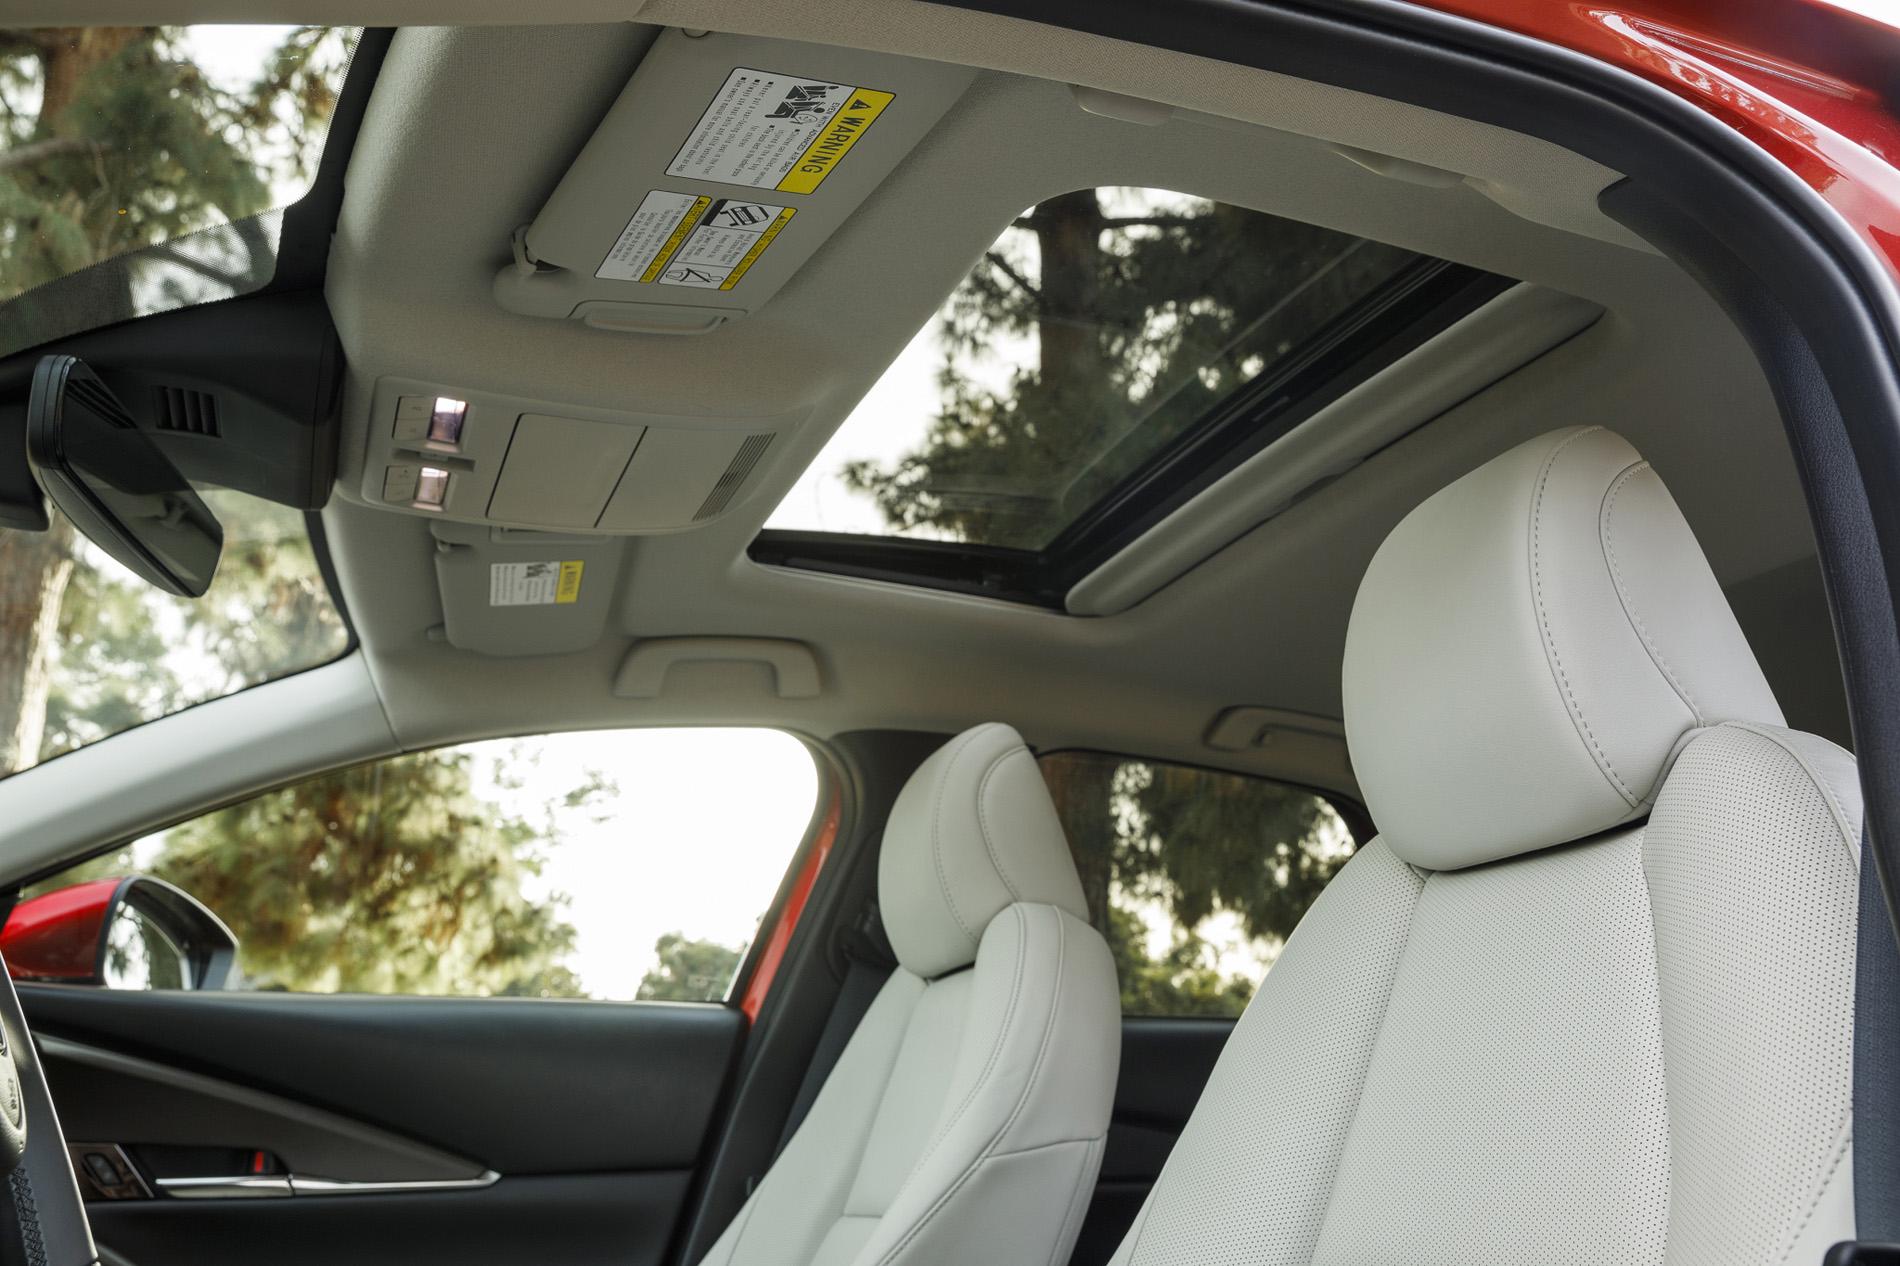 2020_Mazda_CX-30_Interior_19